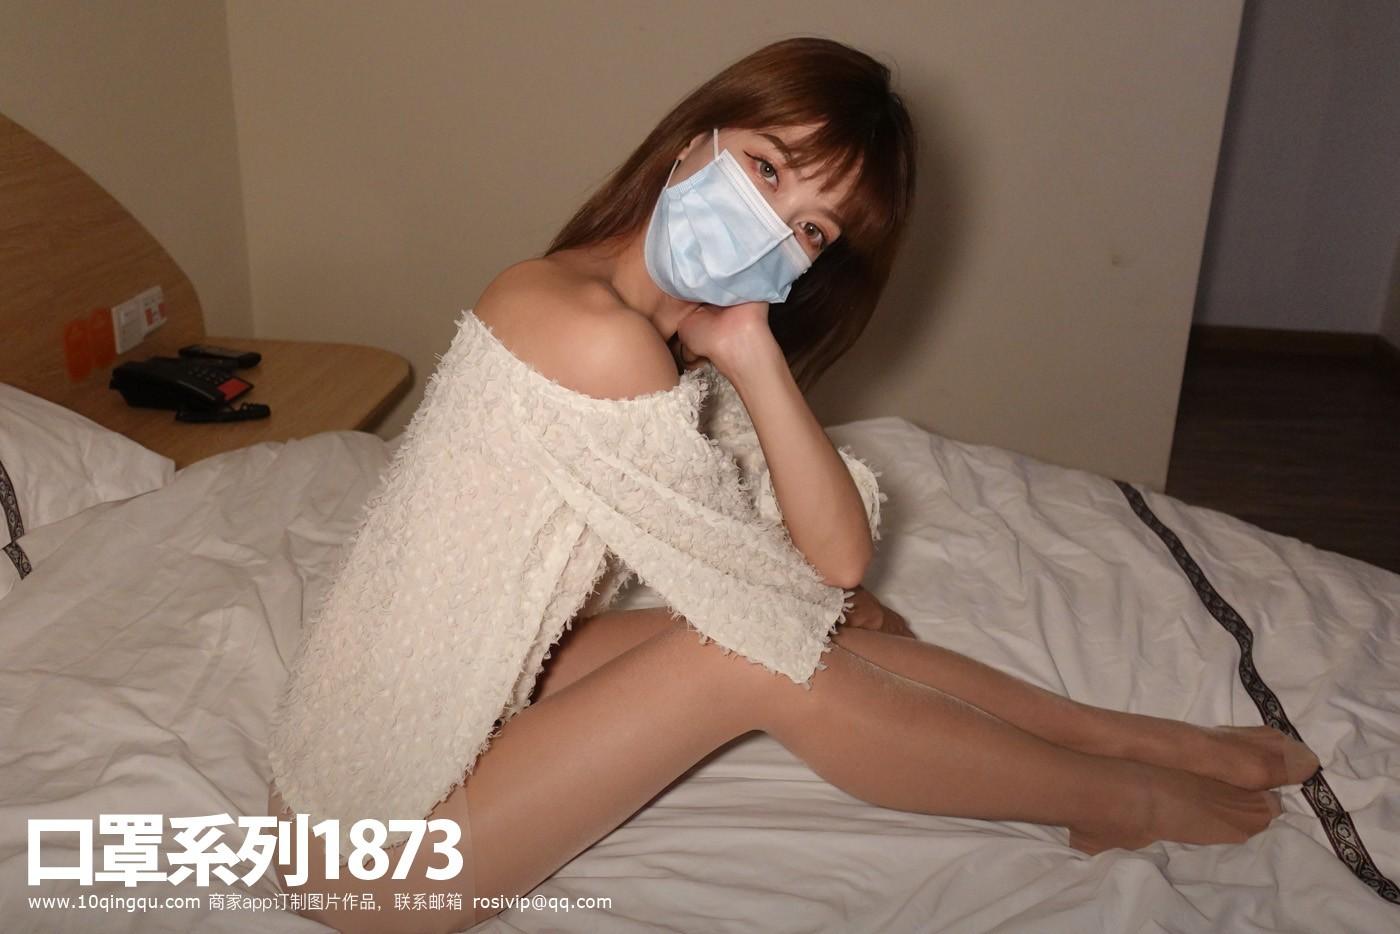 口罩系列1873套装 衣服+丝袜